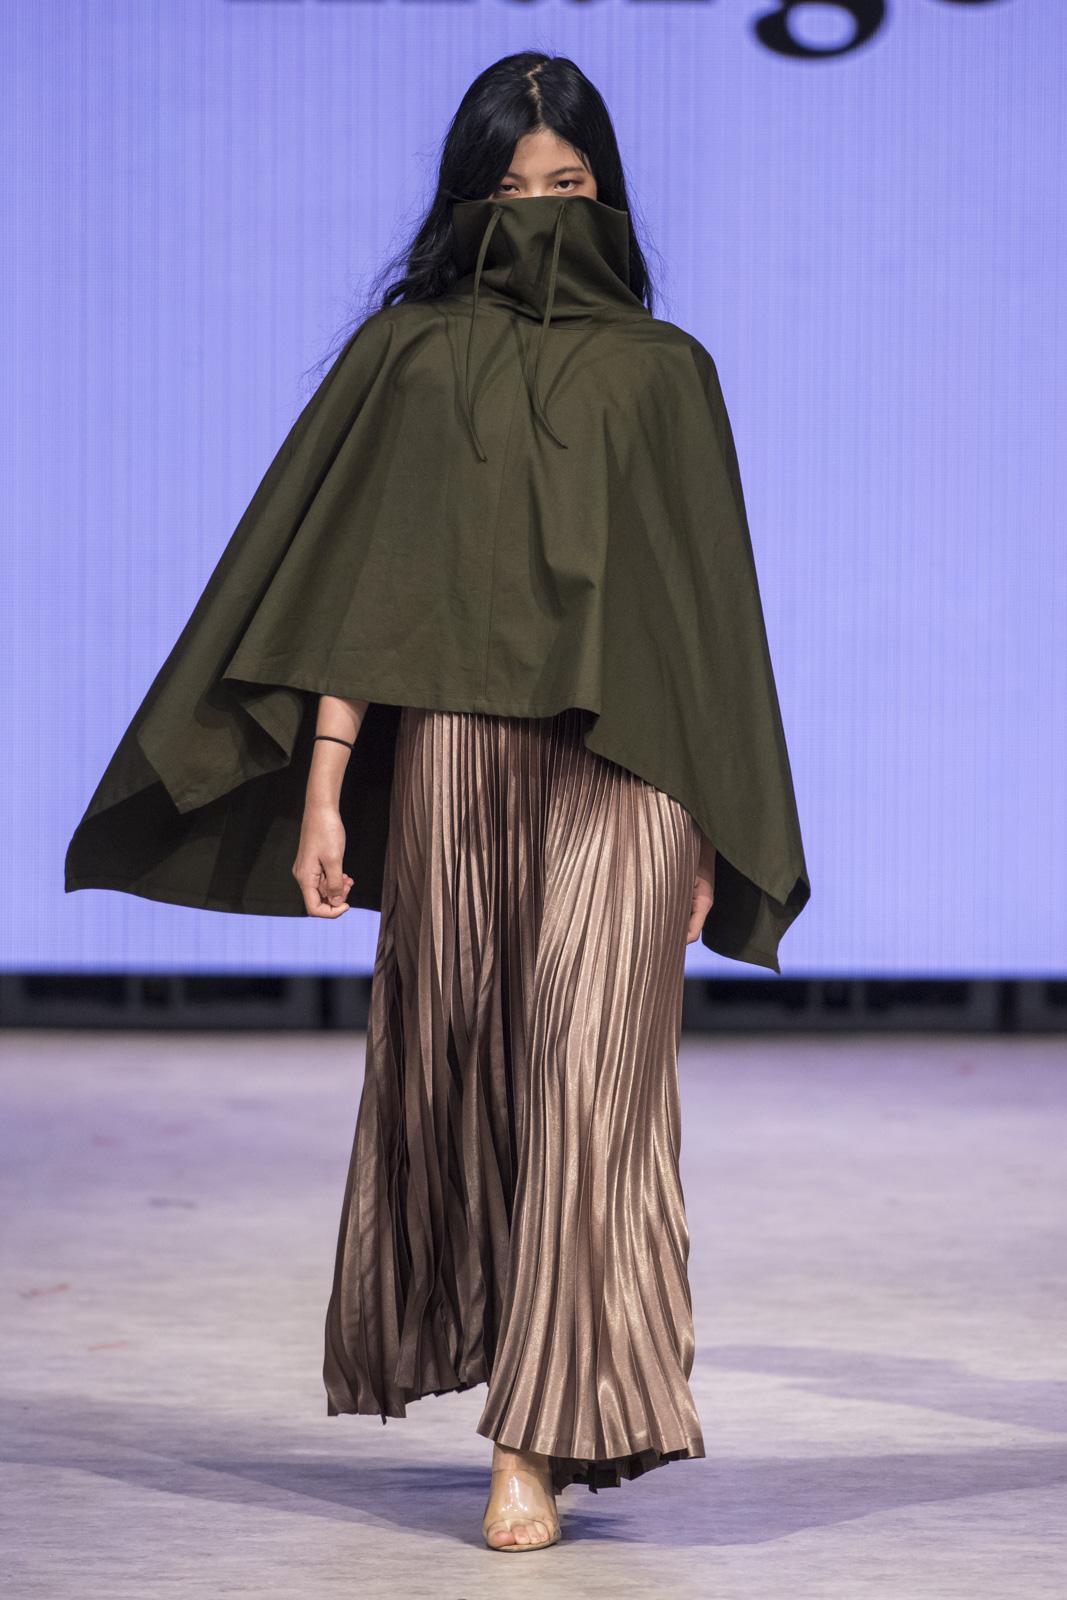 Margot at Vancouver Fashion Week